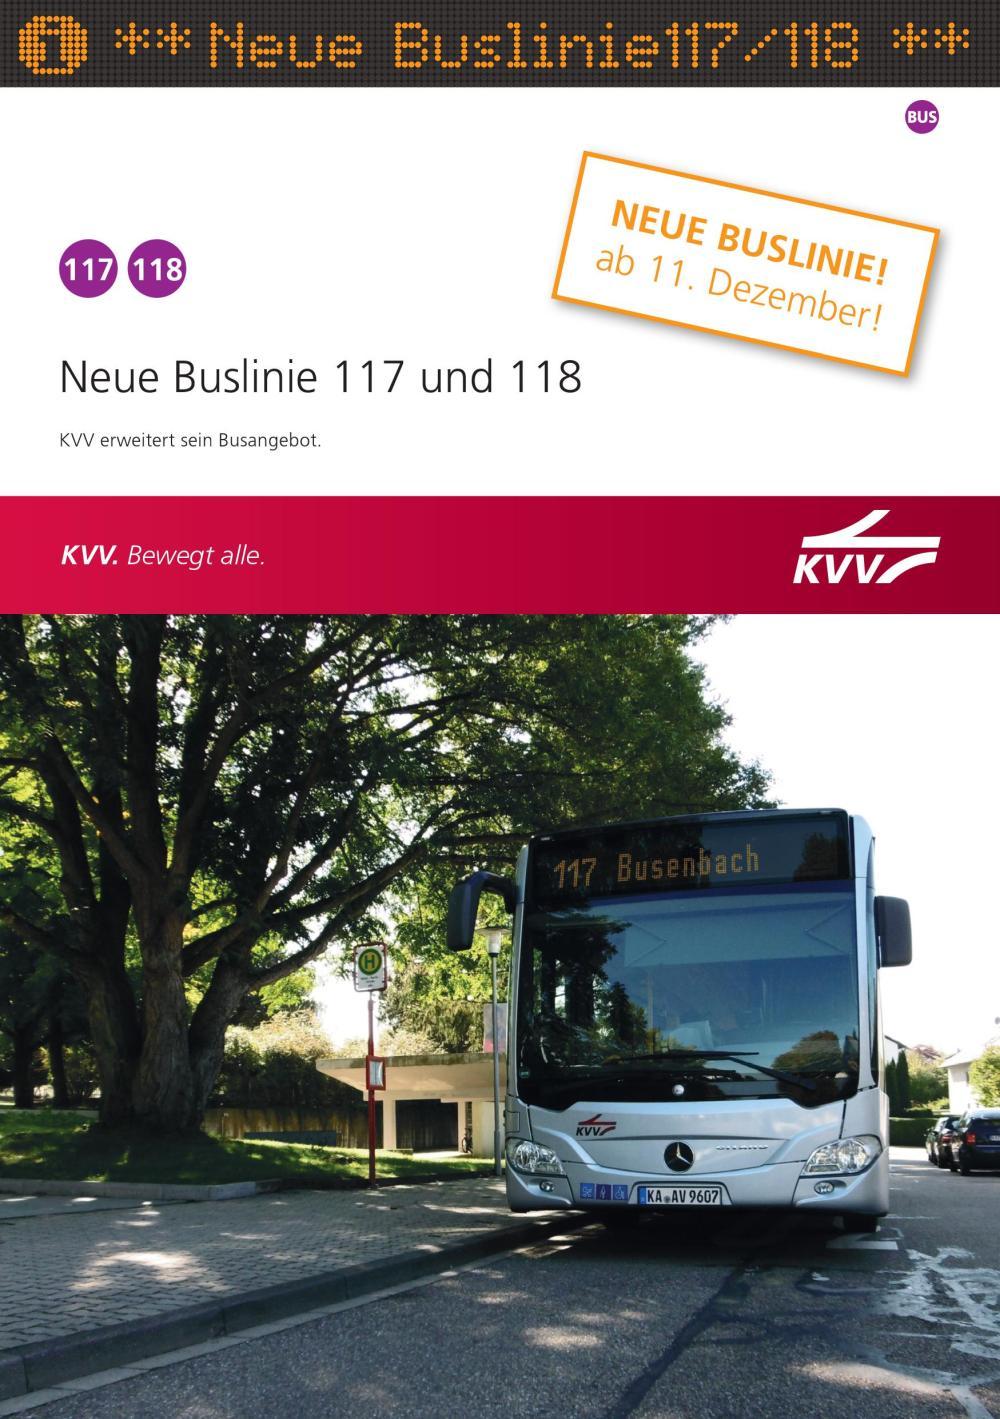 Neue Buslinie 117 und 118 Waldbronn - Karlsruhe - Karlsbad